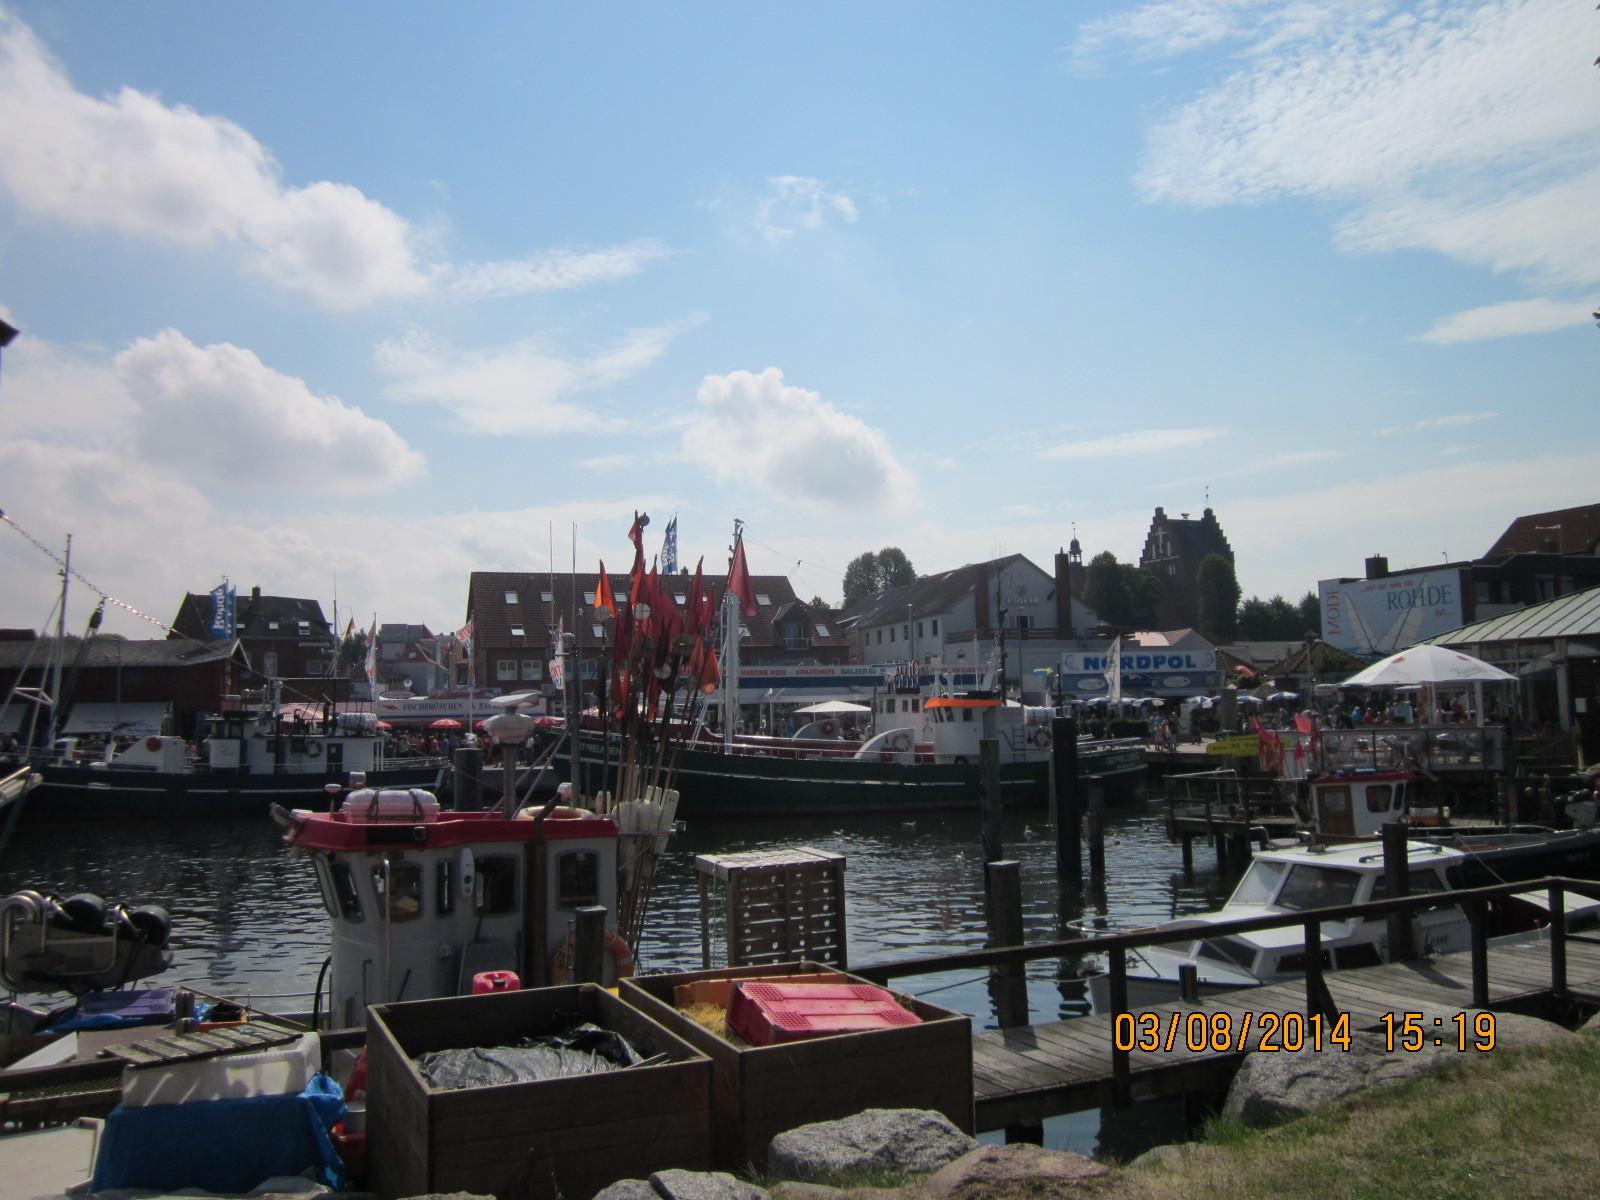 Und hier die Fischerboote